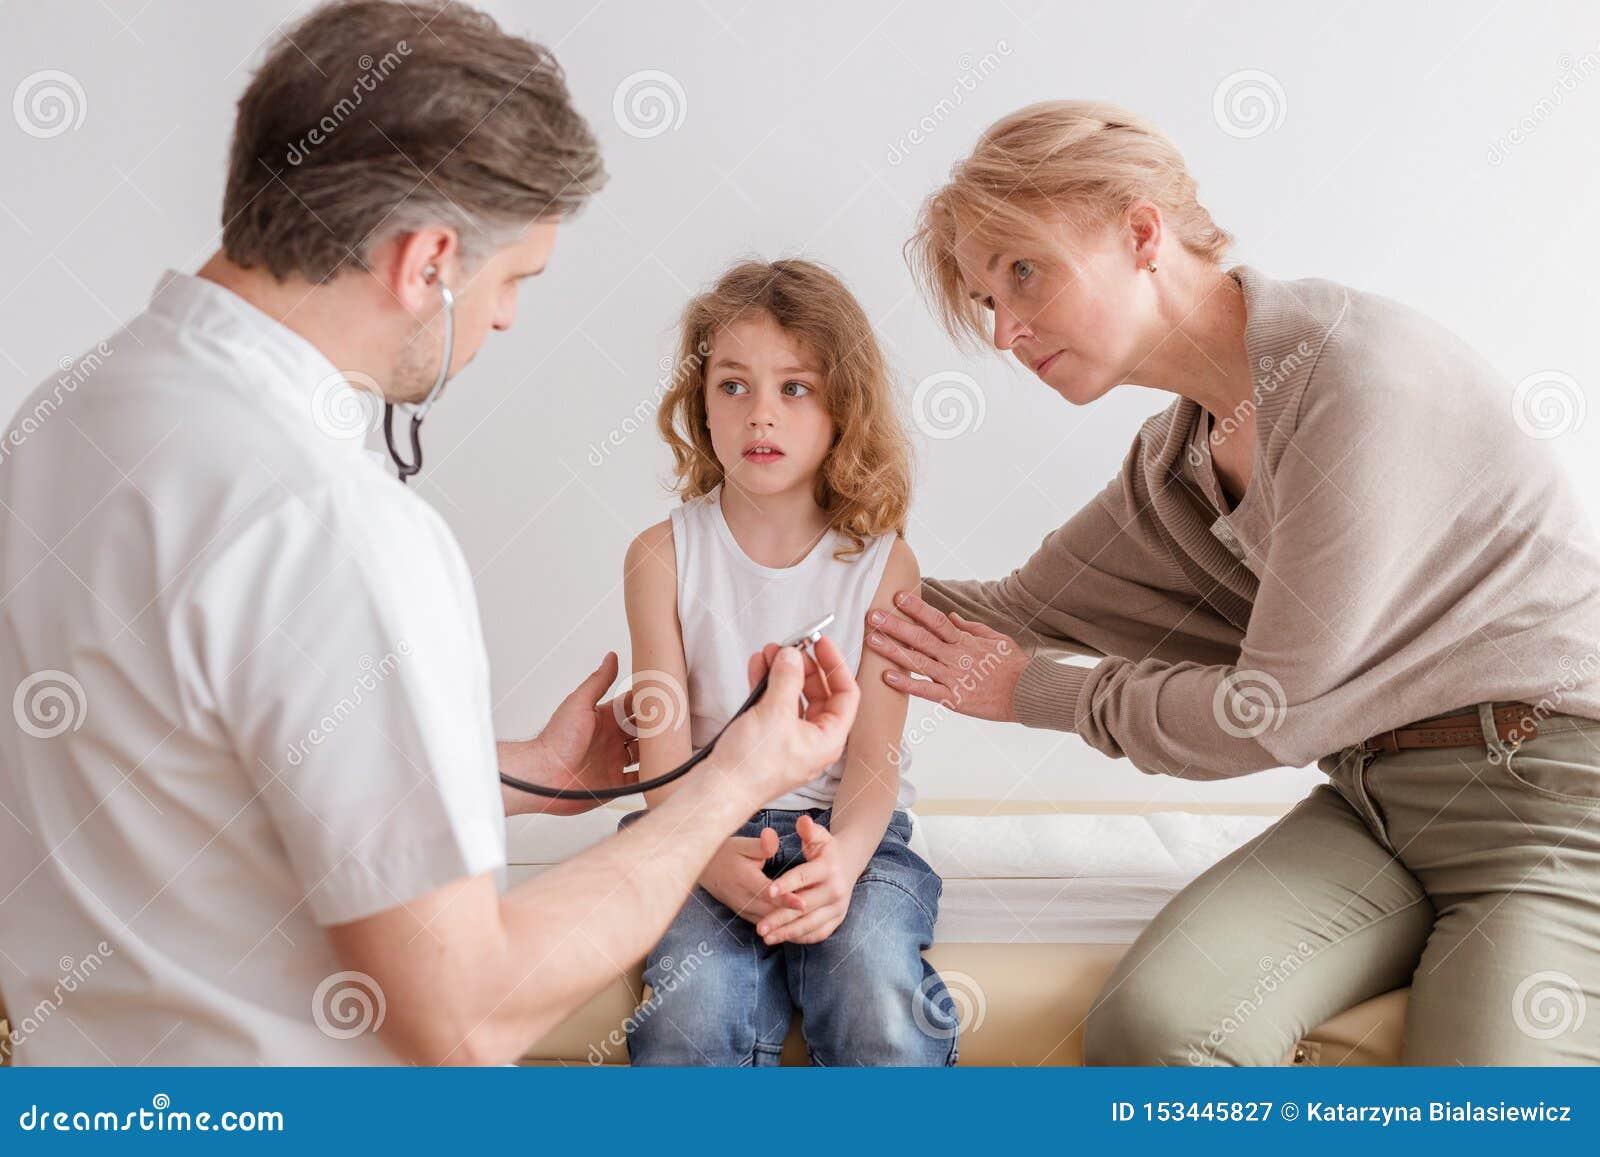 Chory dziecko z zapalenie płuc objawami i profesjonalista lekarka w szpitalu